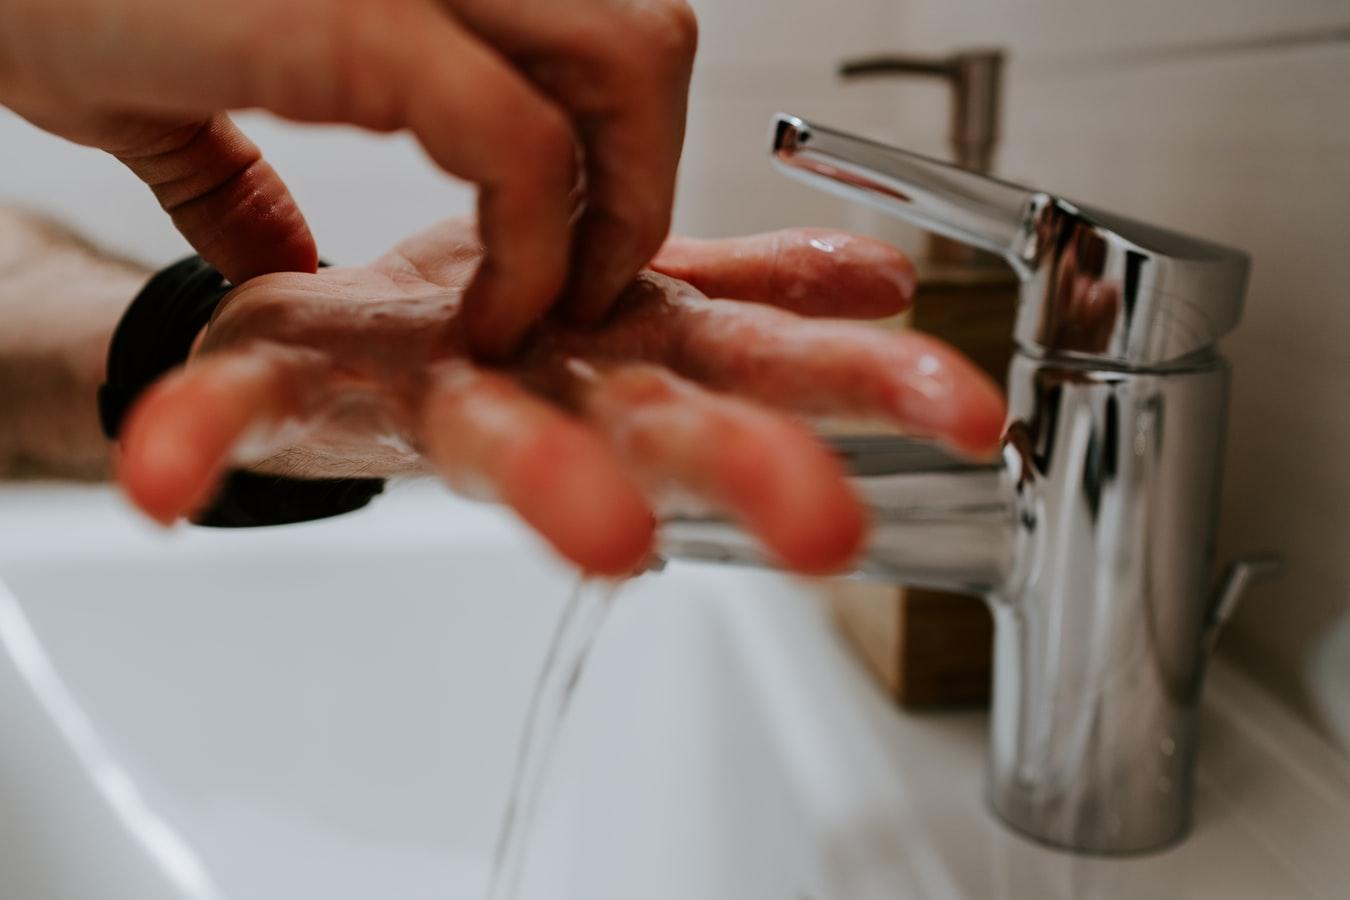 Οδηγίες για το σωστό πλύσιμο των χεριών